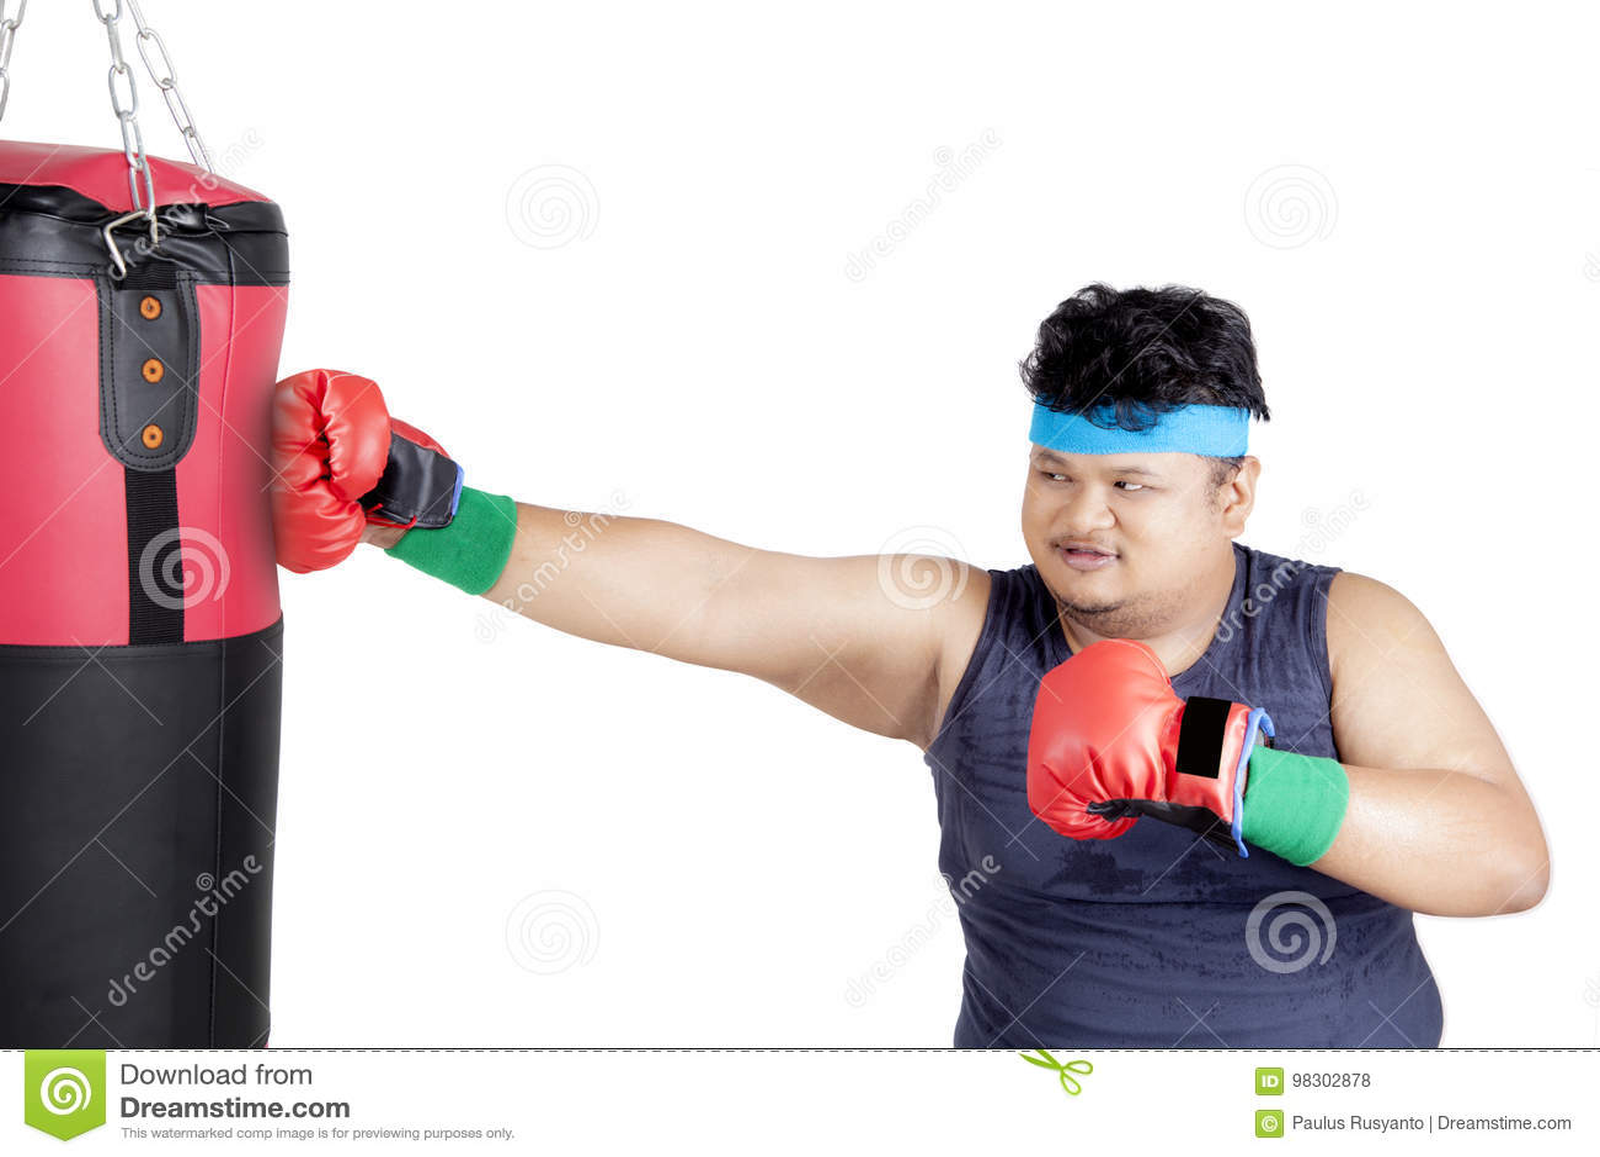 perder peso saco boxeo